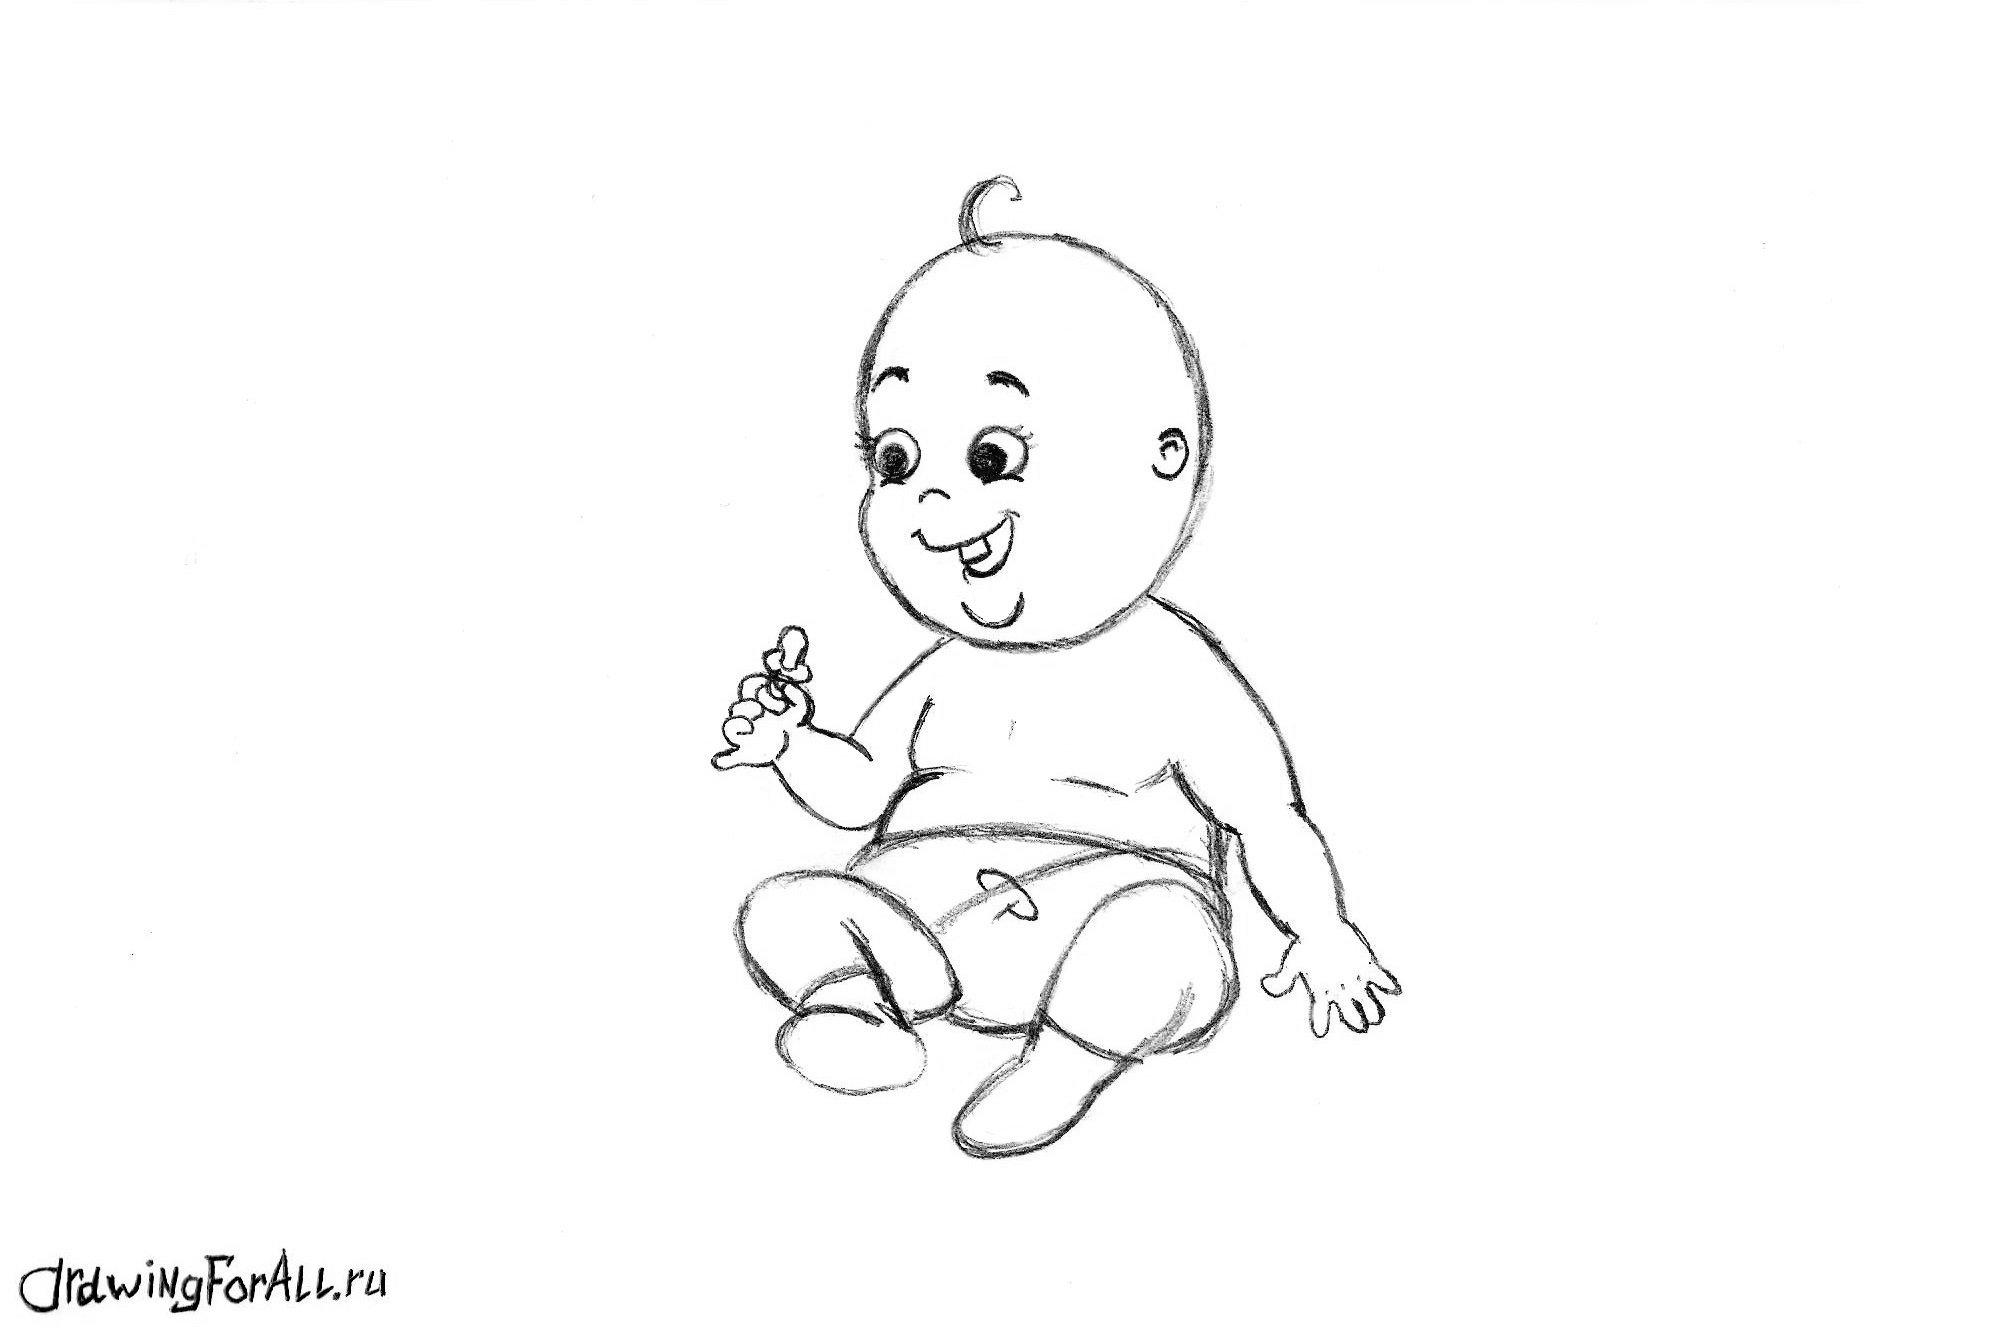 Как нарисовать ребенка маленького